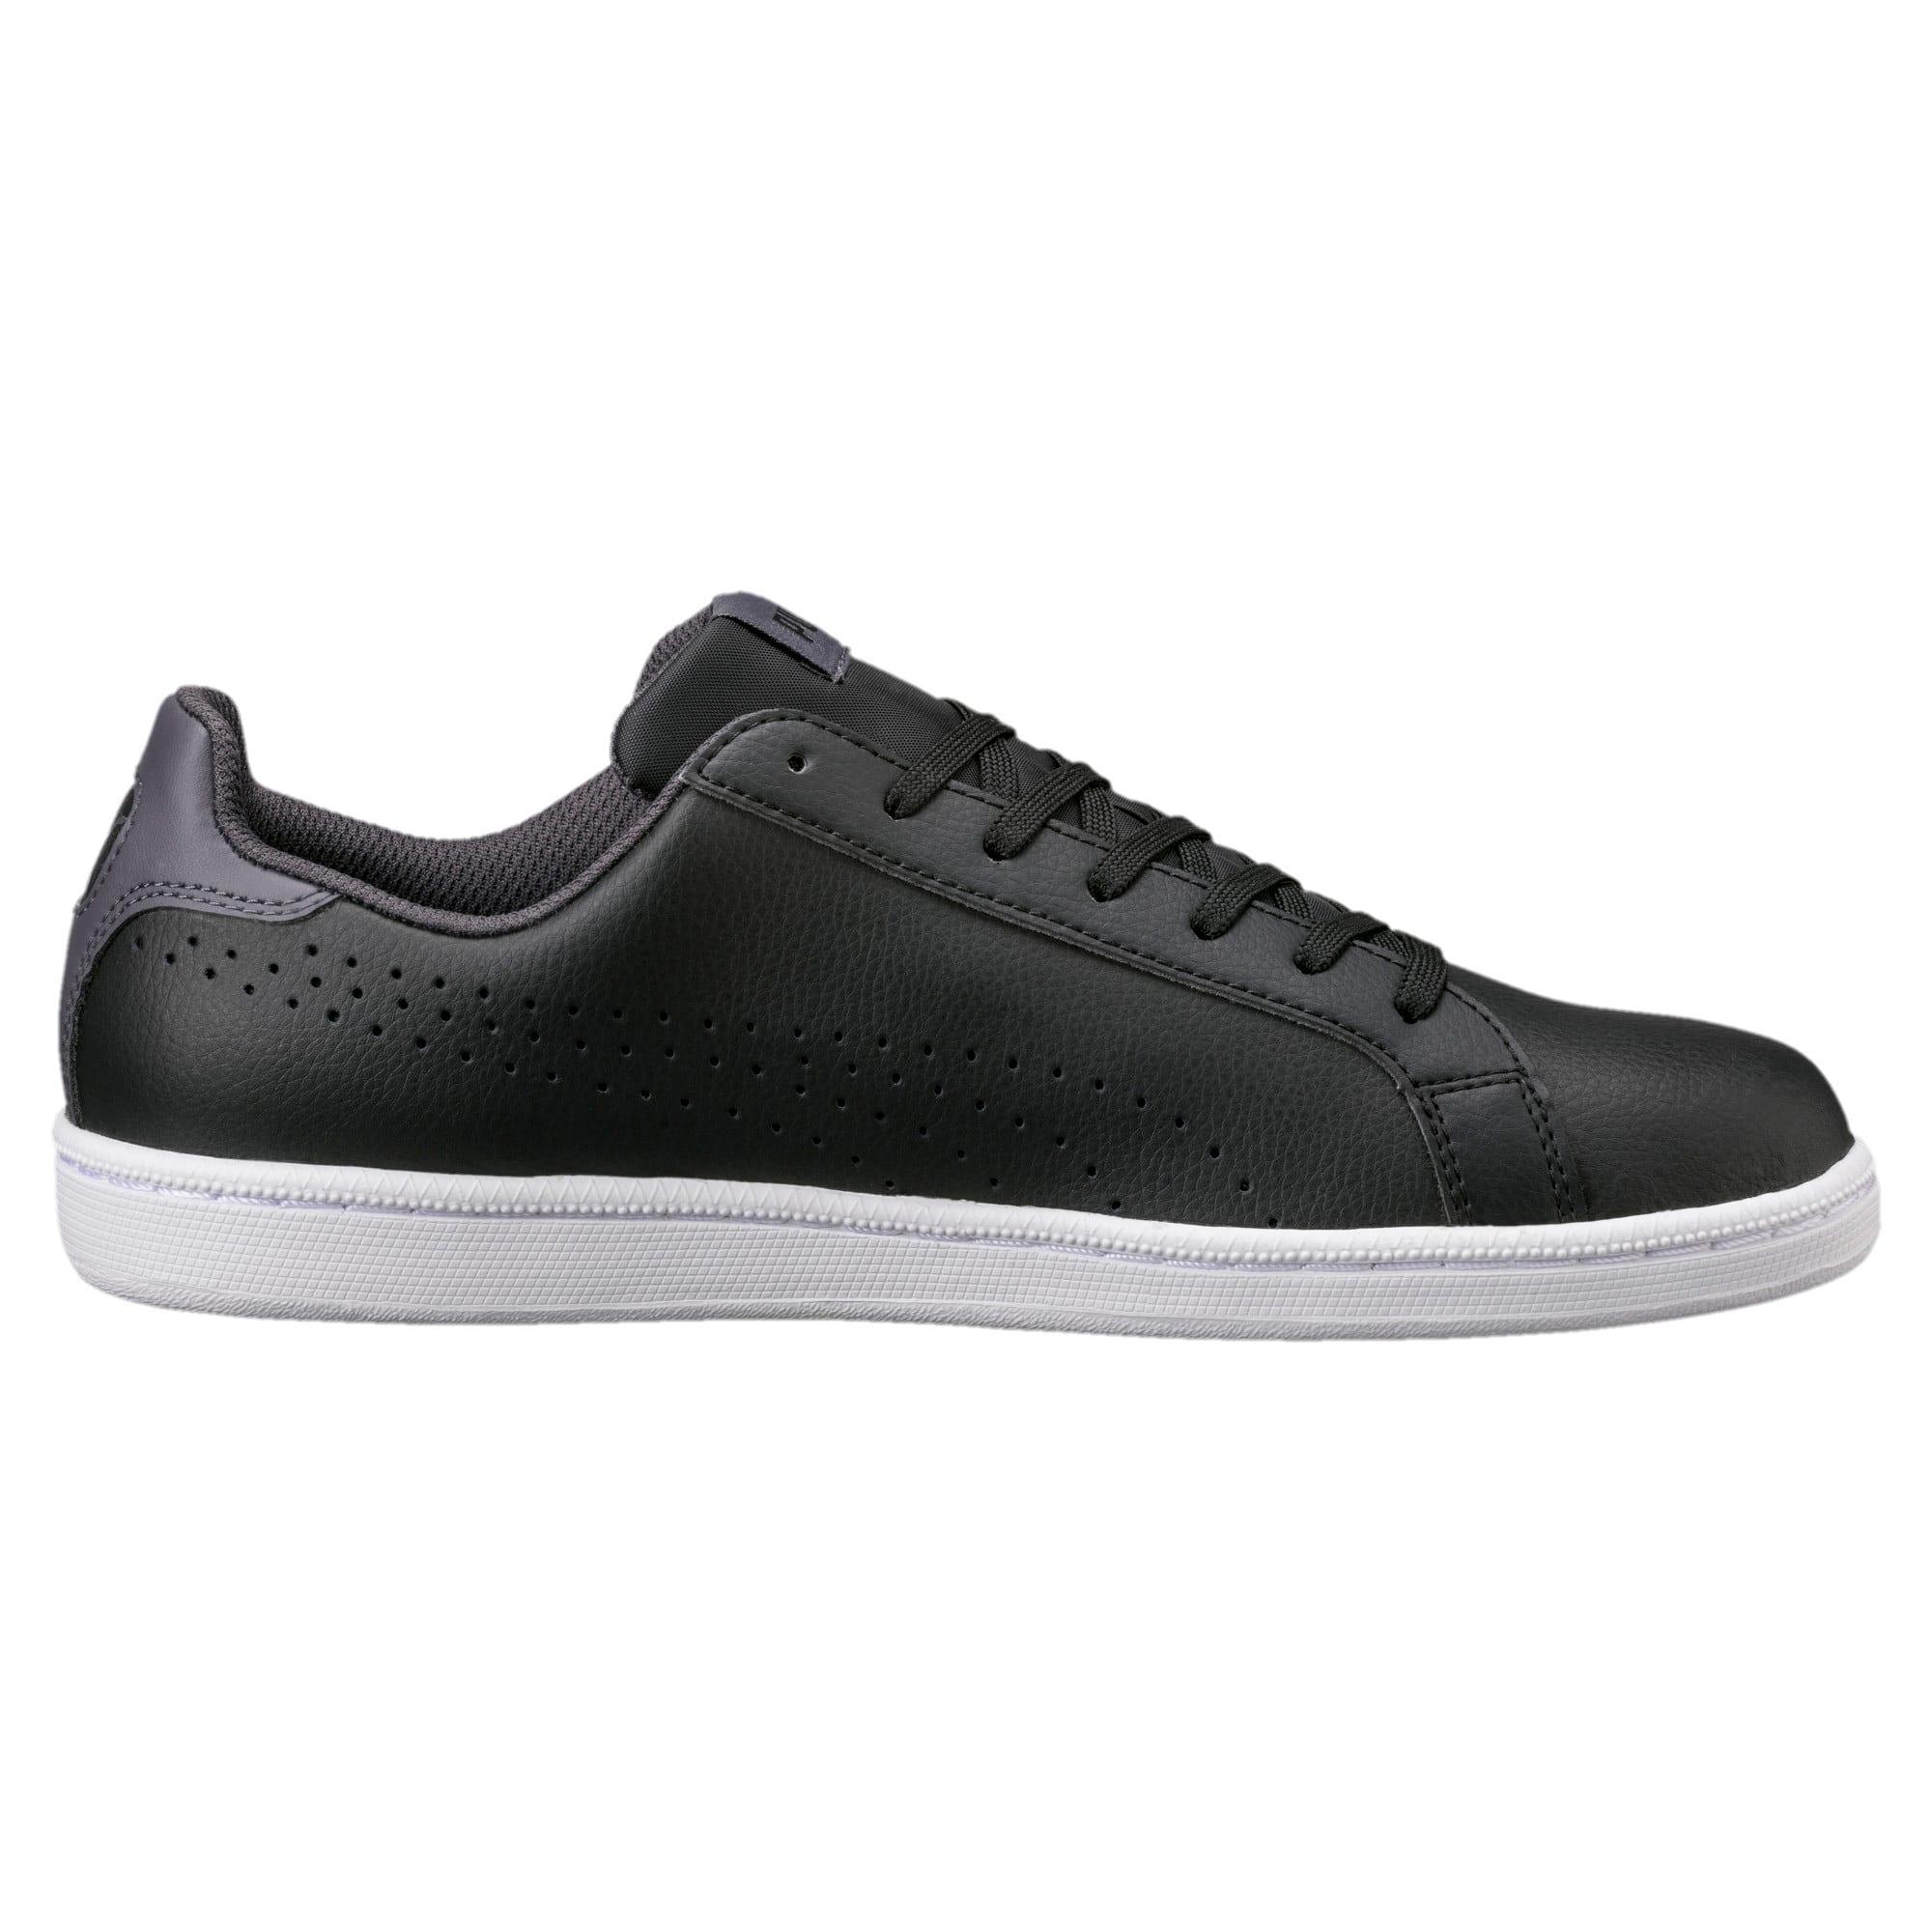 Thumbnail 3 of PUMA Smash Perf Sneakers, Puma Black-Periscope, medium